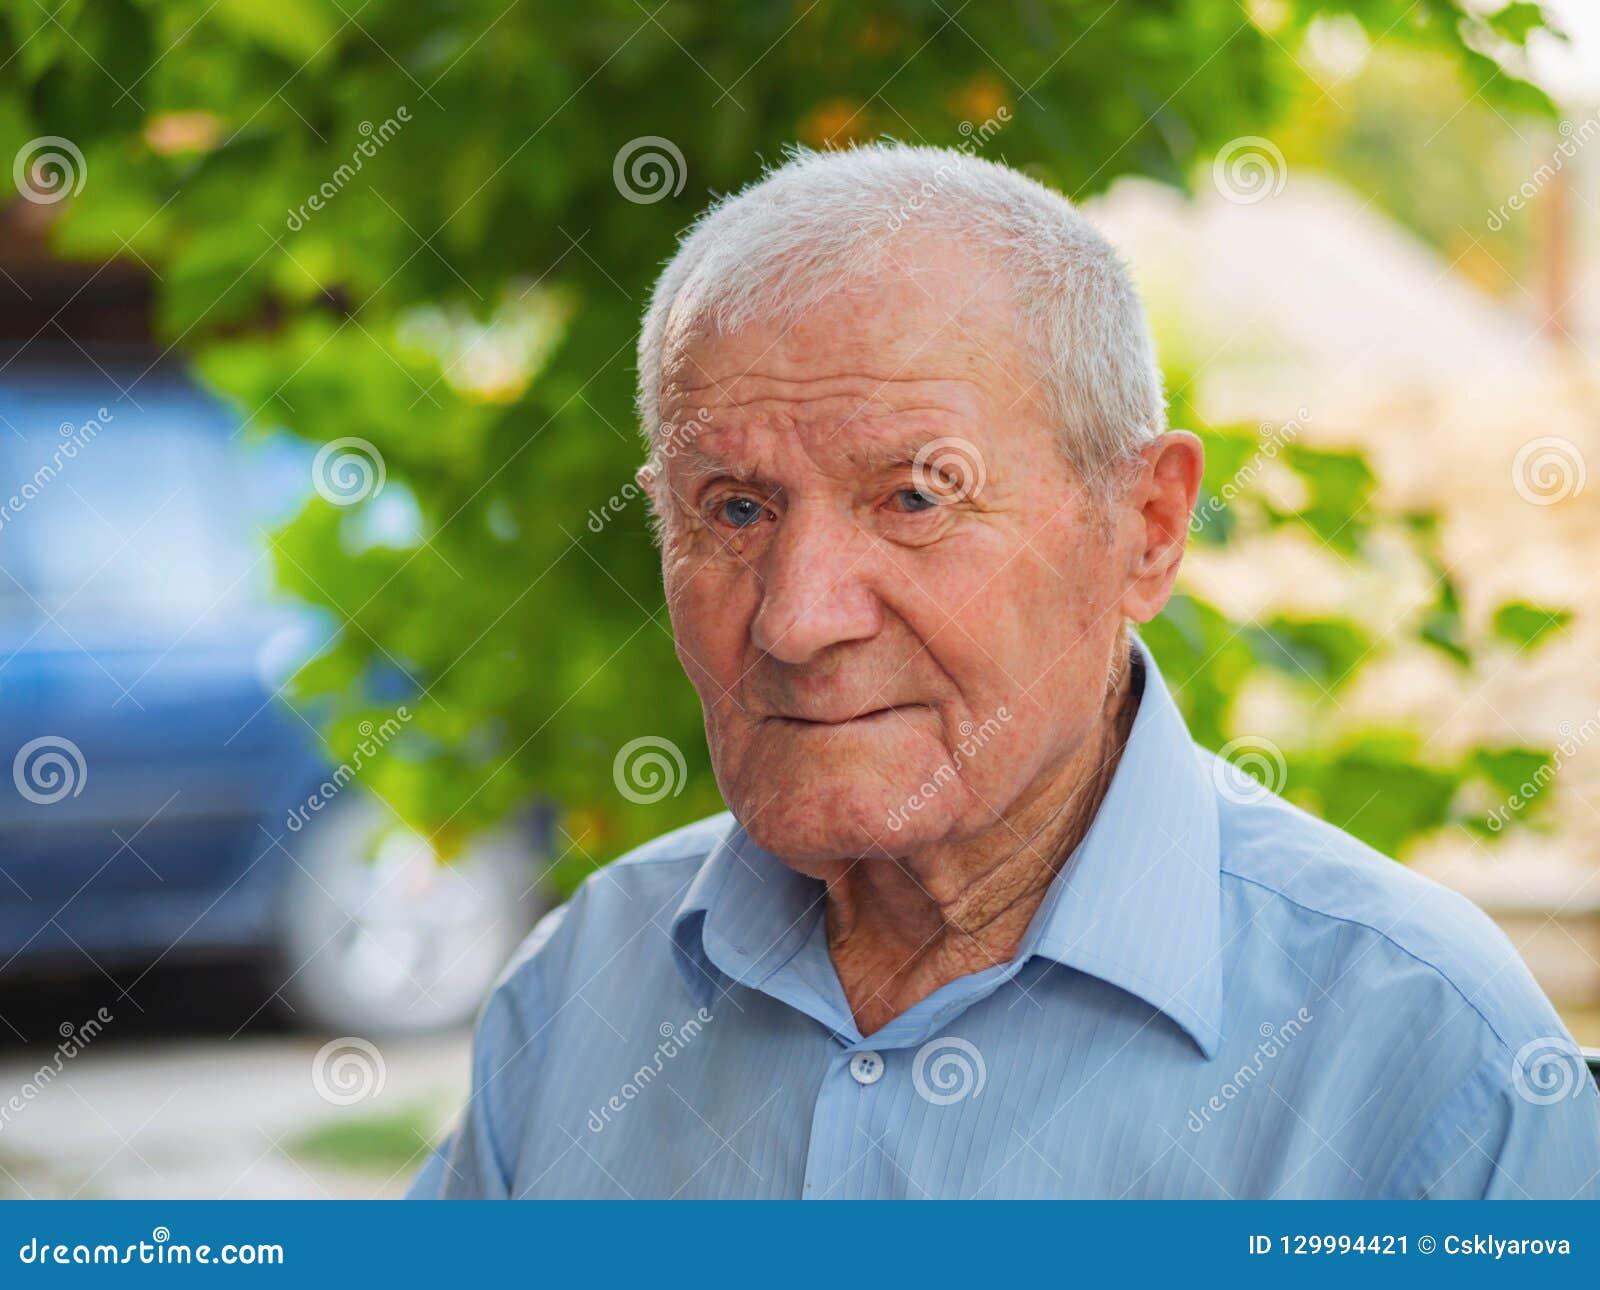 Retrato mesmo do ancião Relaxamento de primeira geração exterior no verão Retrato: envelhecido, idoso, superior Close-up do homem